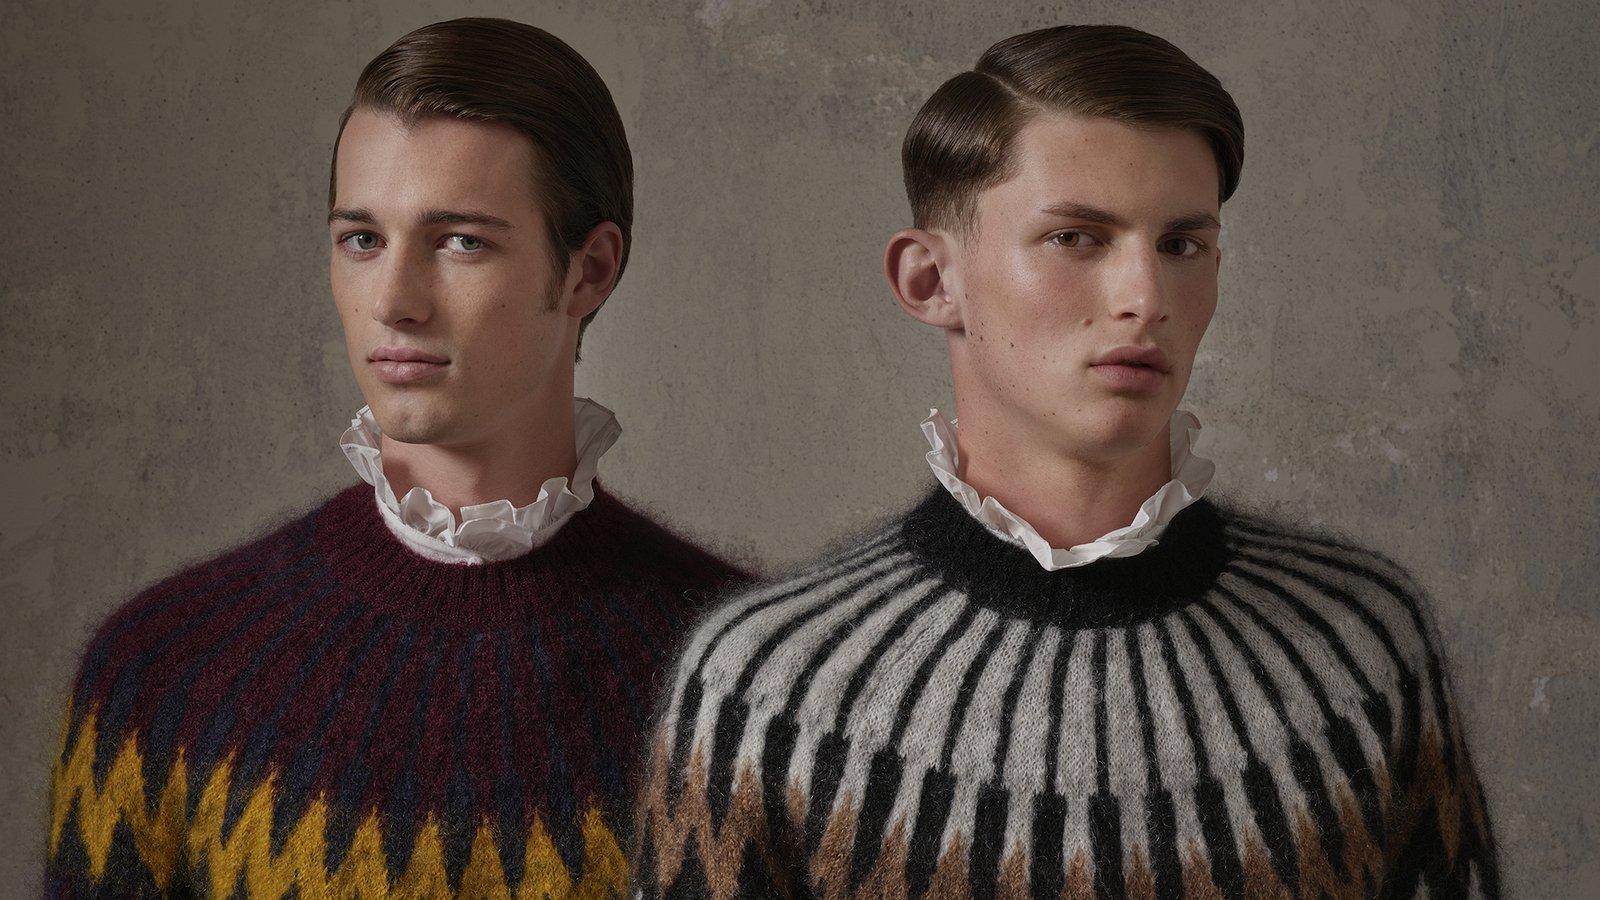 Erdem X H&M: Dit kun je verwachten van de nieuwste designercollectie van H&M